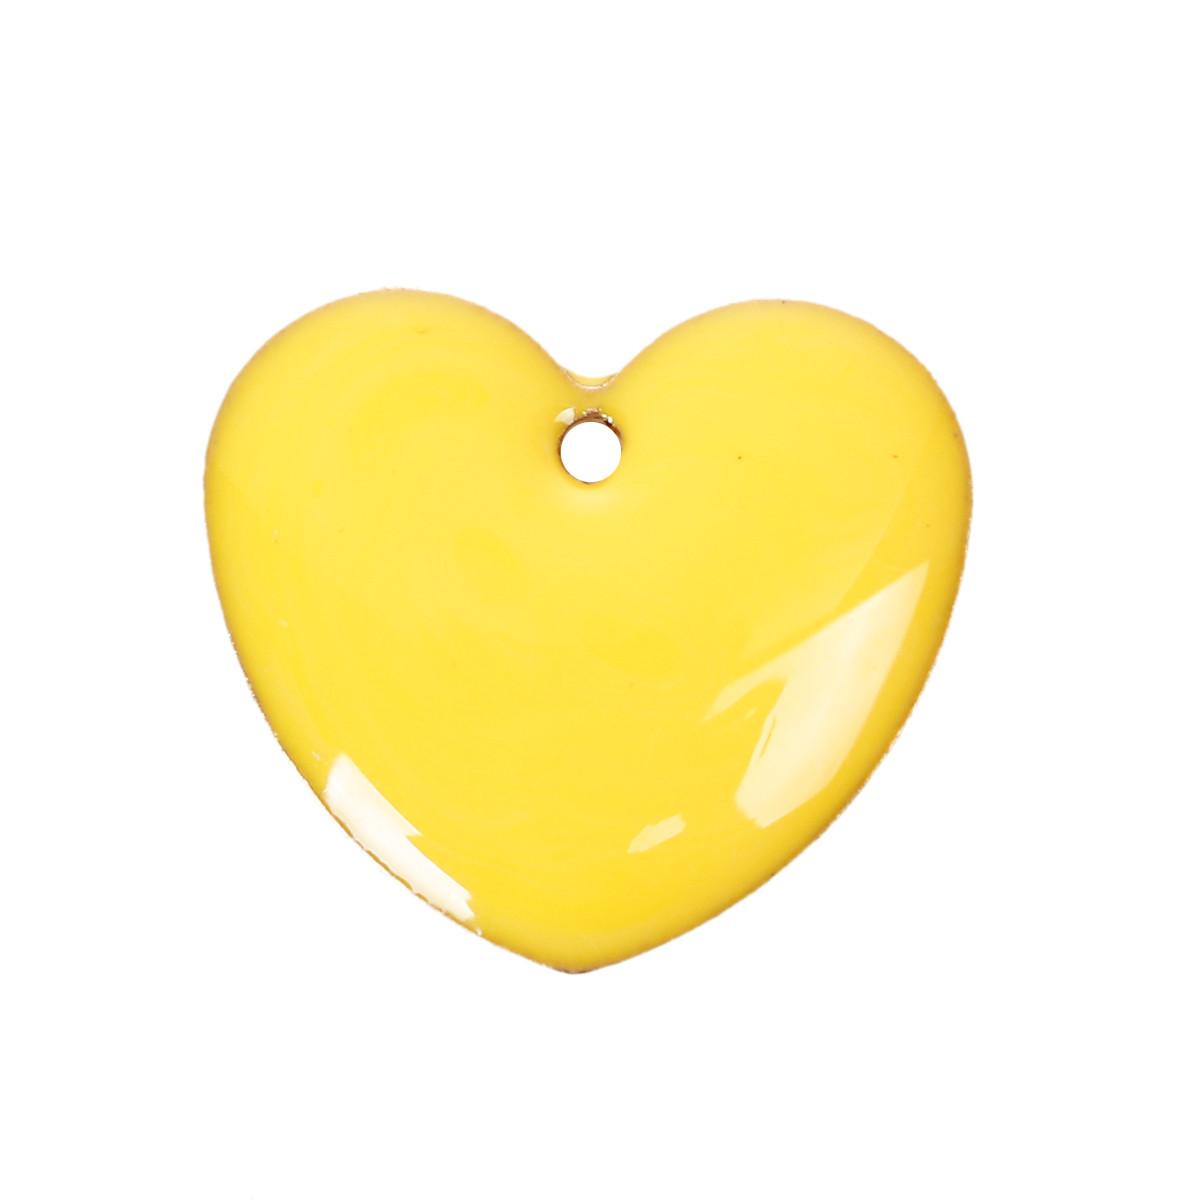 Підвіска Серце, Мідь, Жовта, З емаллю, 16 мм x 16 мм